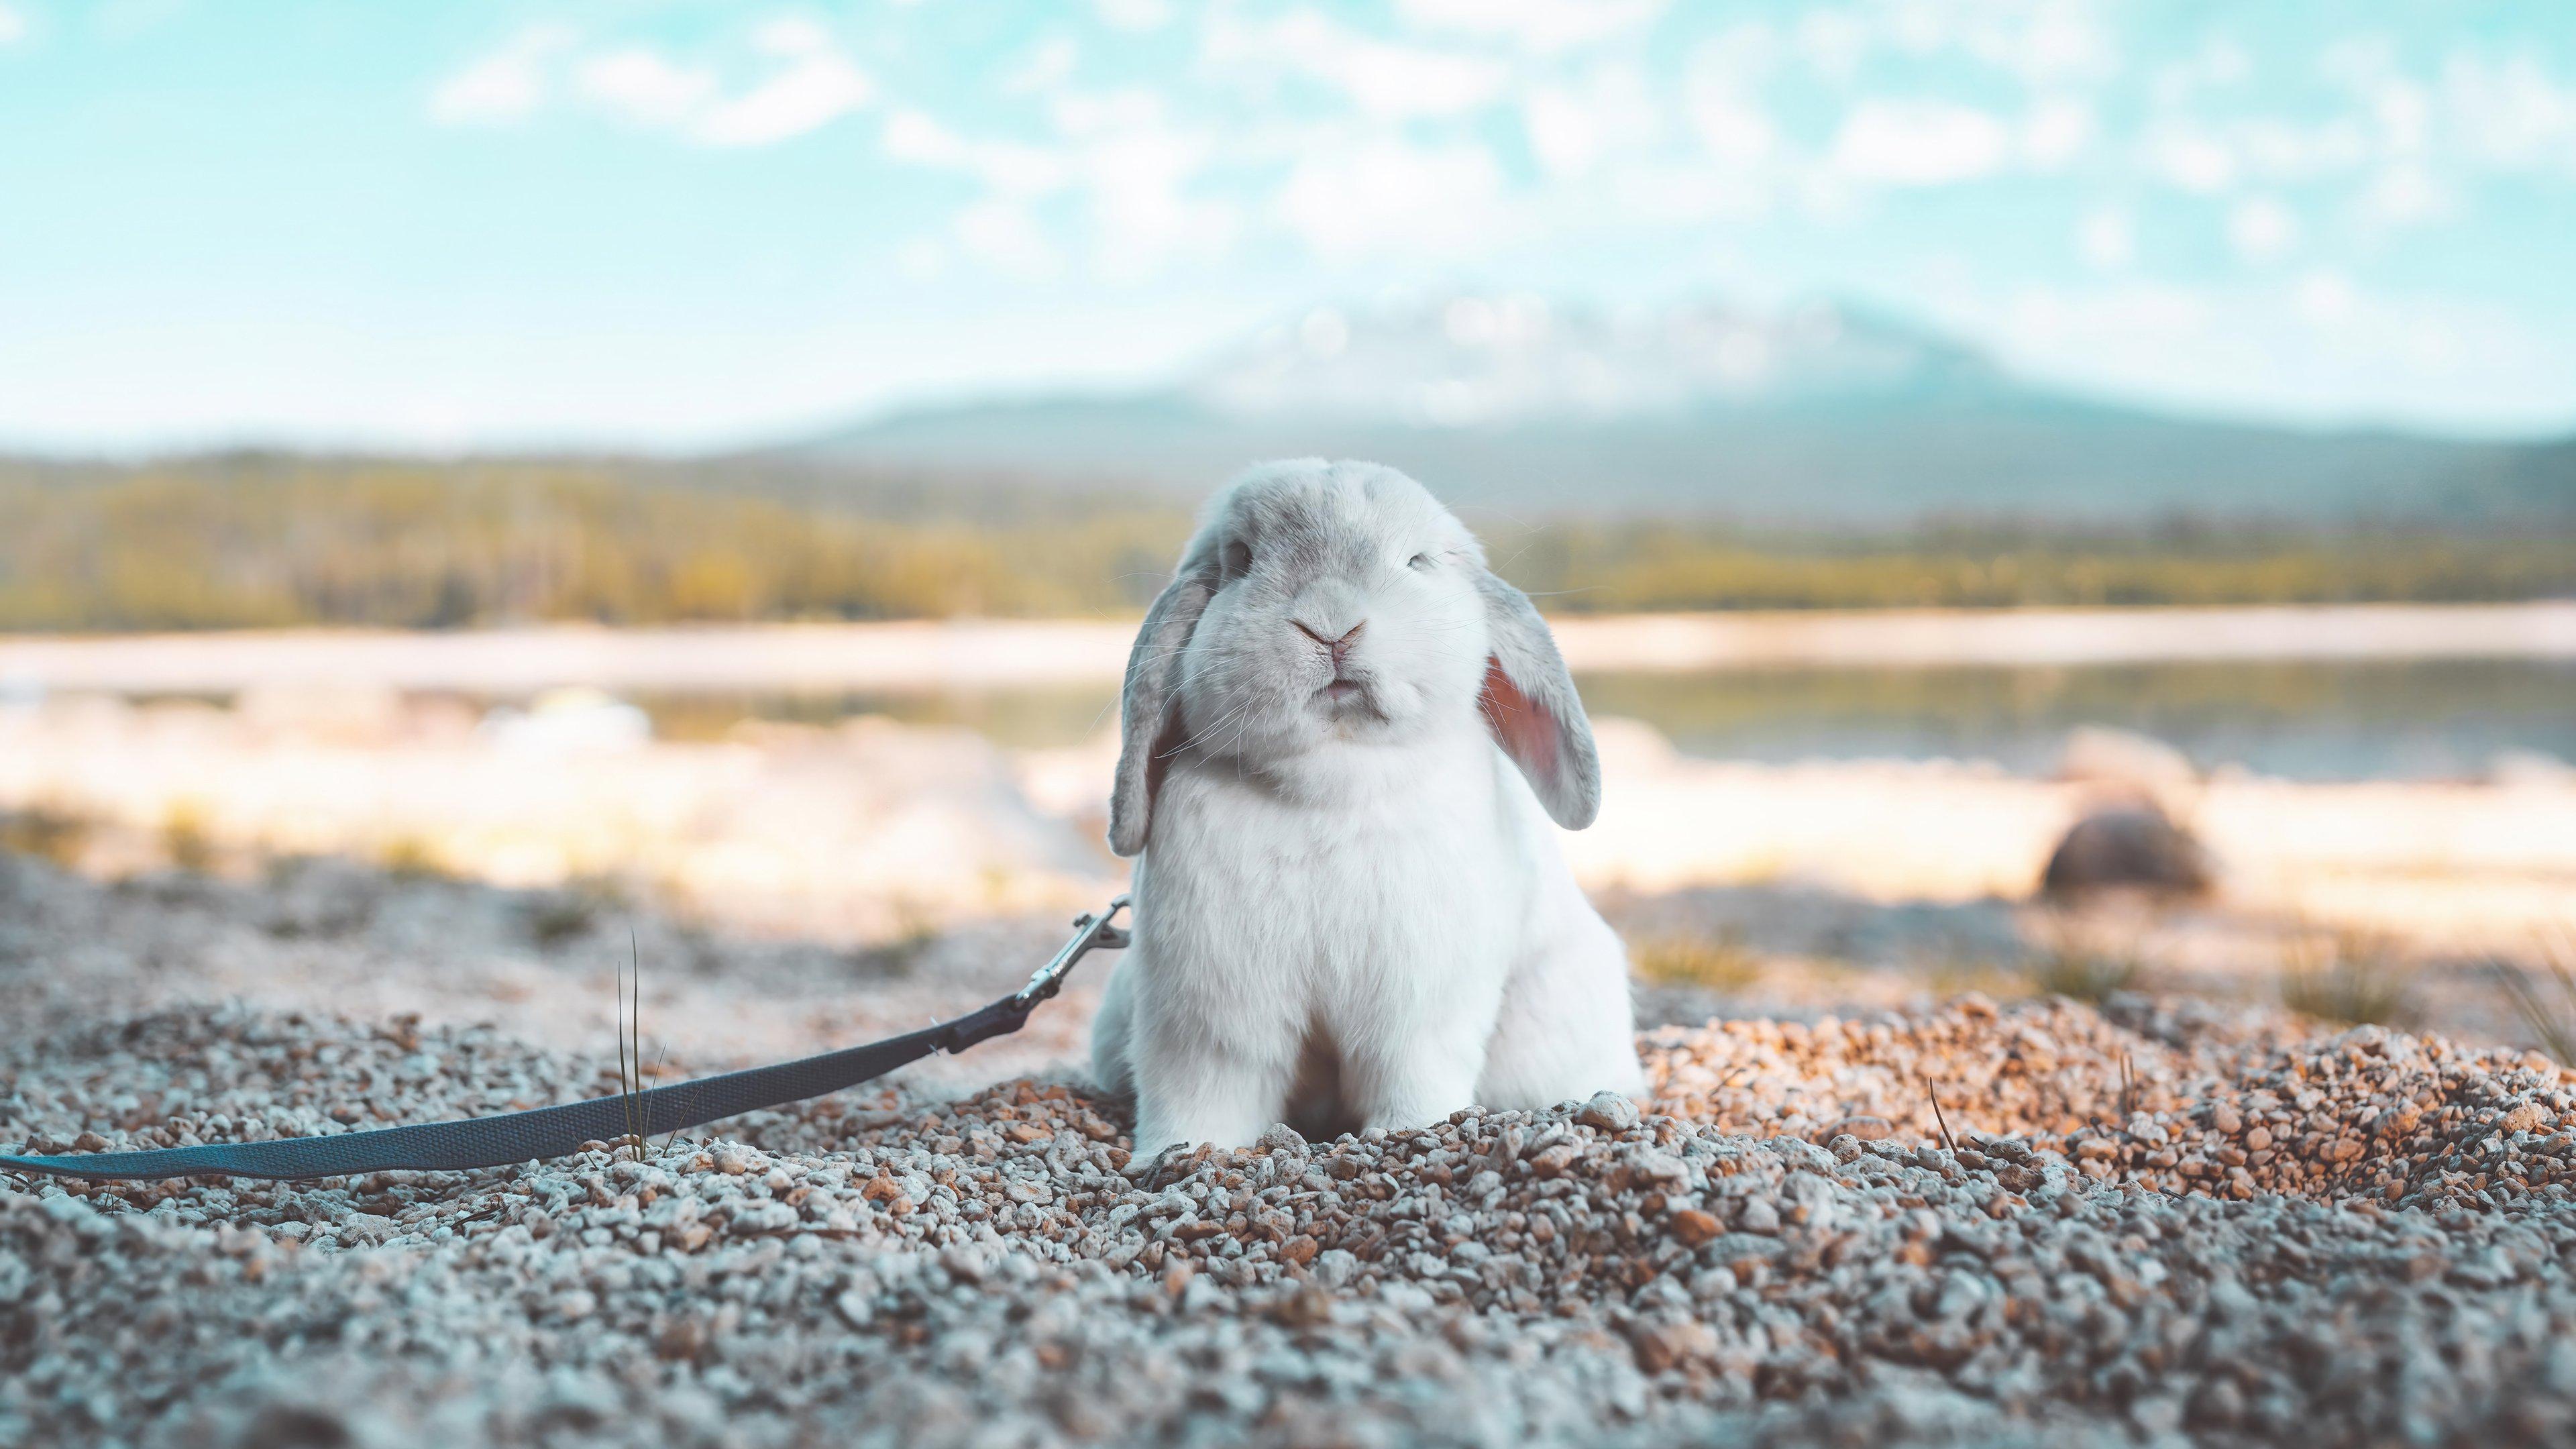 Fondos de pantalla Conejo